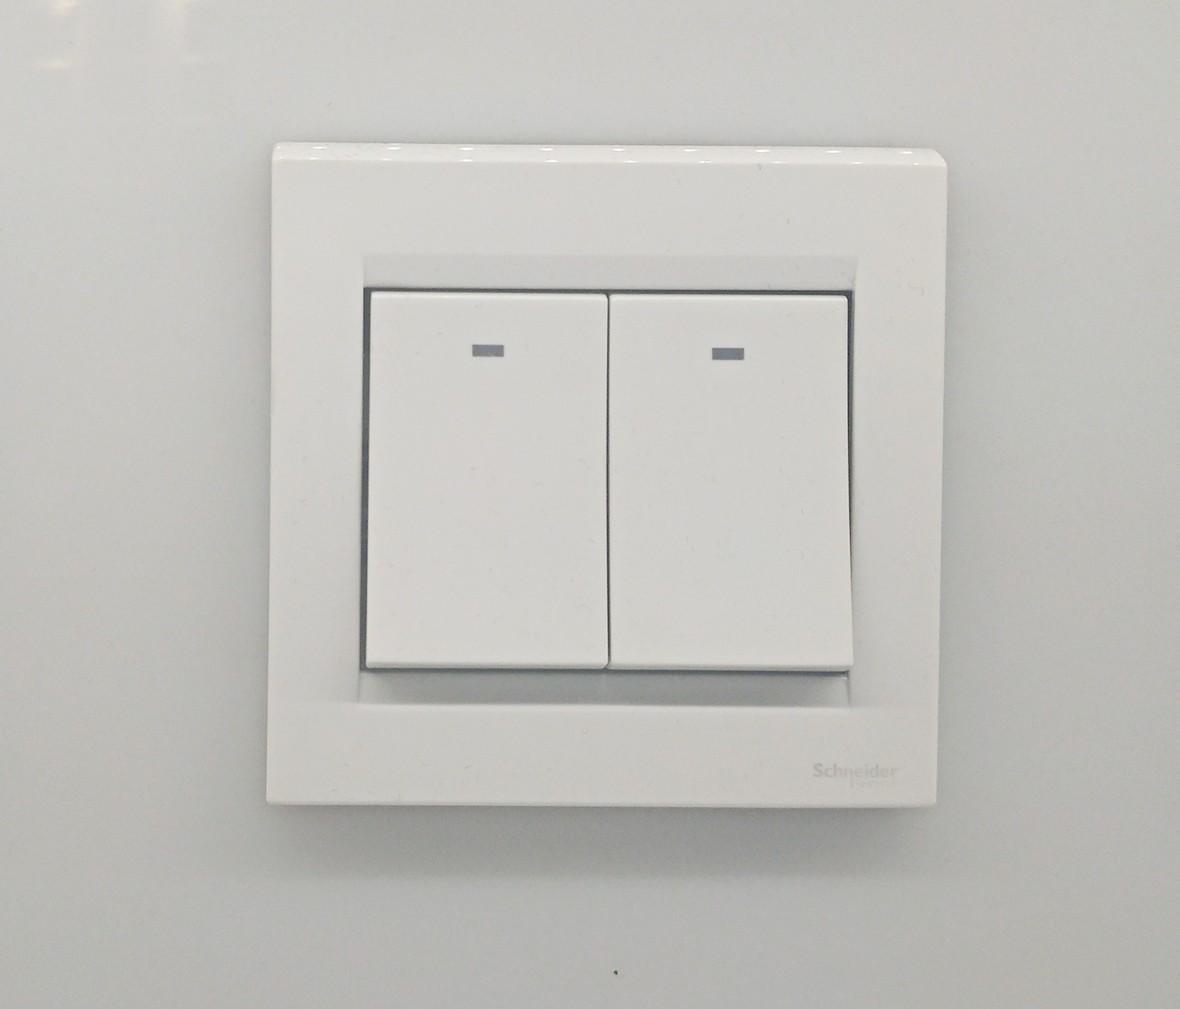 施耐德 如意系列 双开开关 PC材质 耐高温 防漏电 安全开关